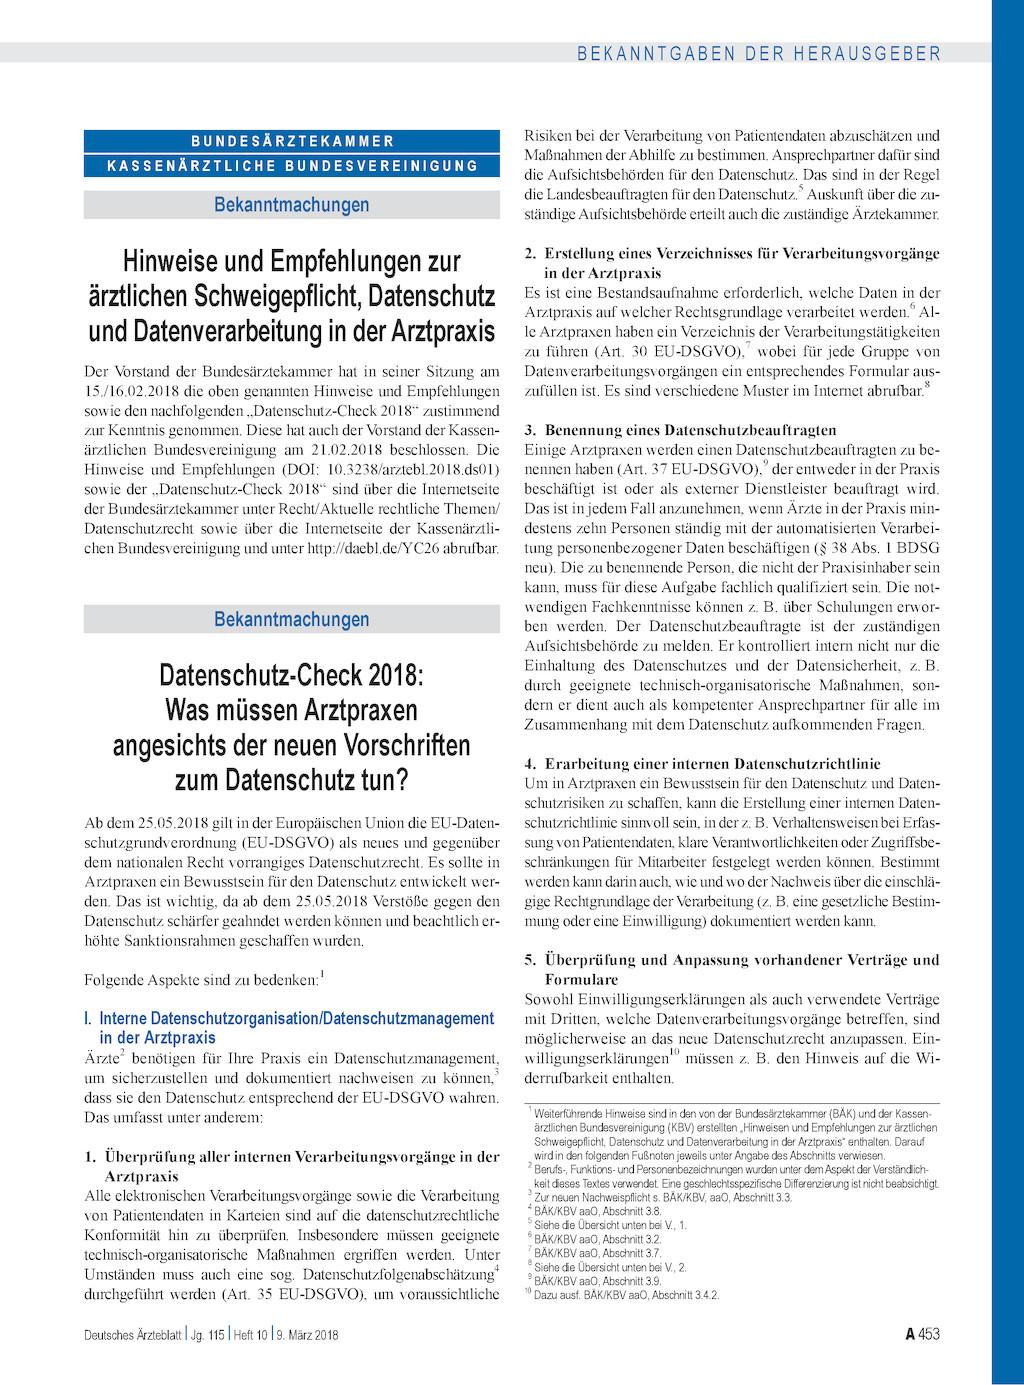 datenschutz check 2018 was mssen arztpraxen angesichts der neuen vorschriften zum datenschutz tun - Muster Datenschutzerklarung